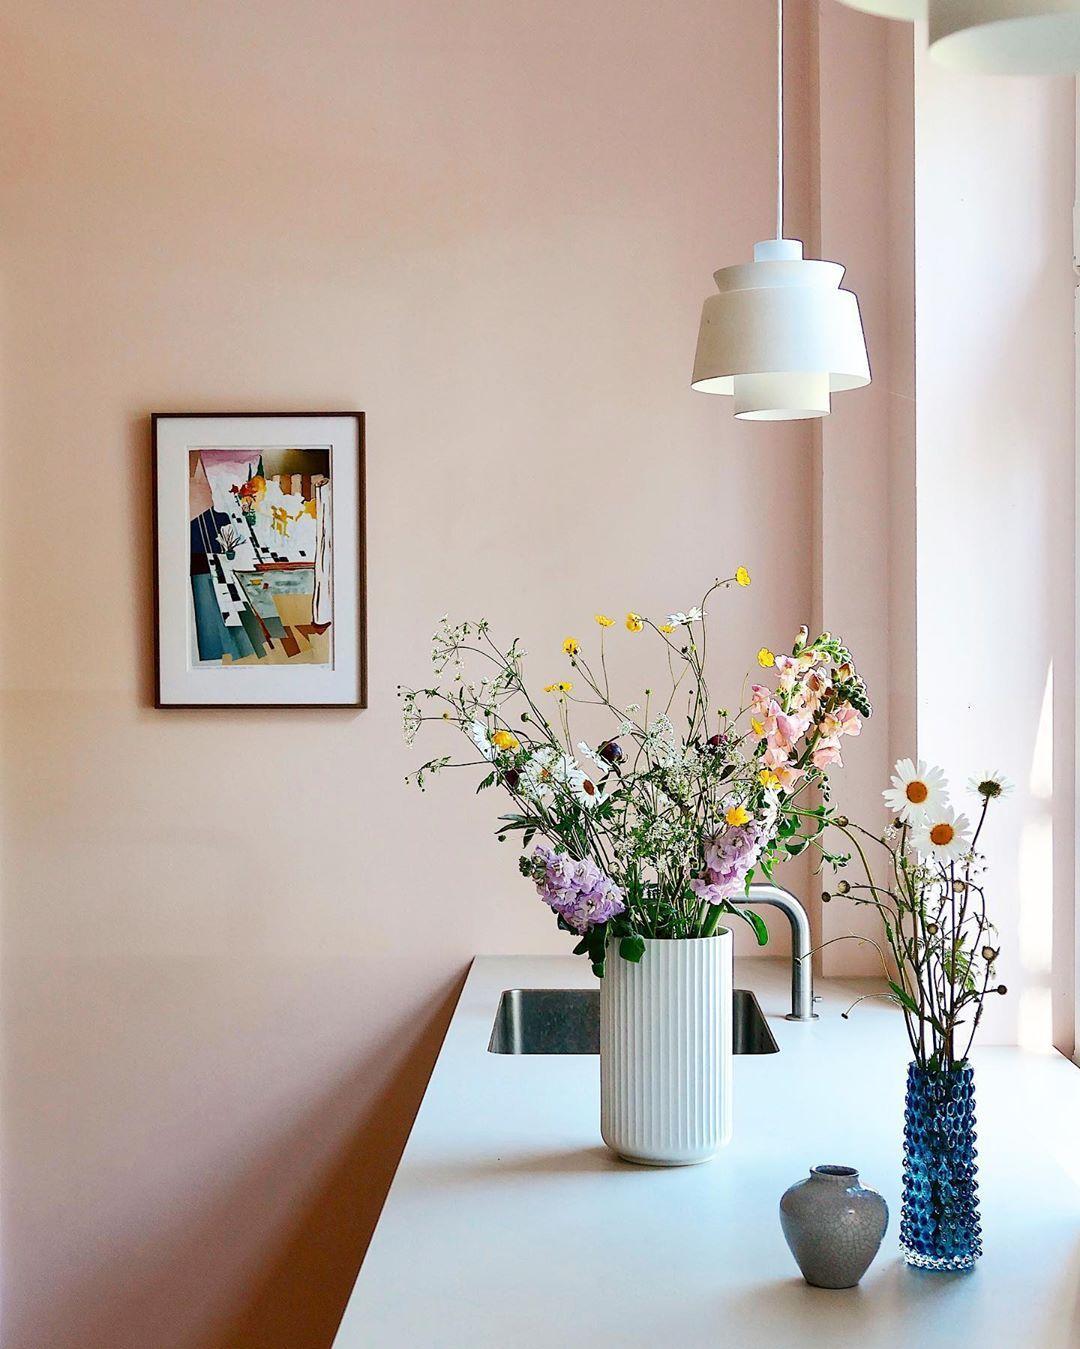 Eva Kaiser On Instagram Werbung Ad Verlinkungen From The Field And The Garden Ach Es Ist Einfach Herrlich Der M In 2020 Decor Pastel Decor Decor Inspiration